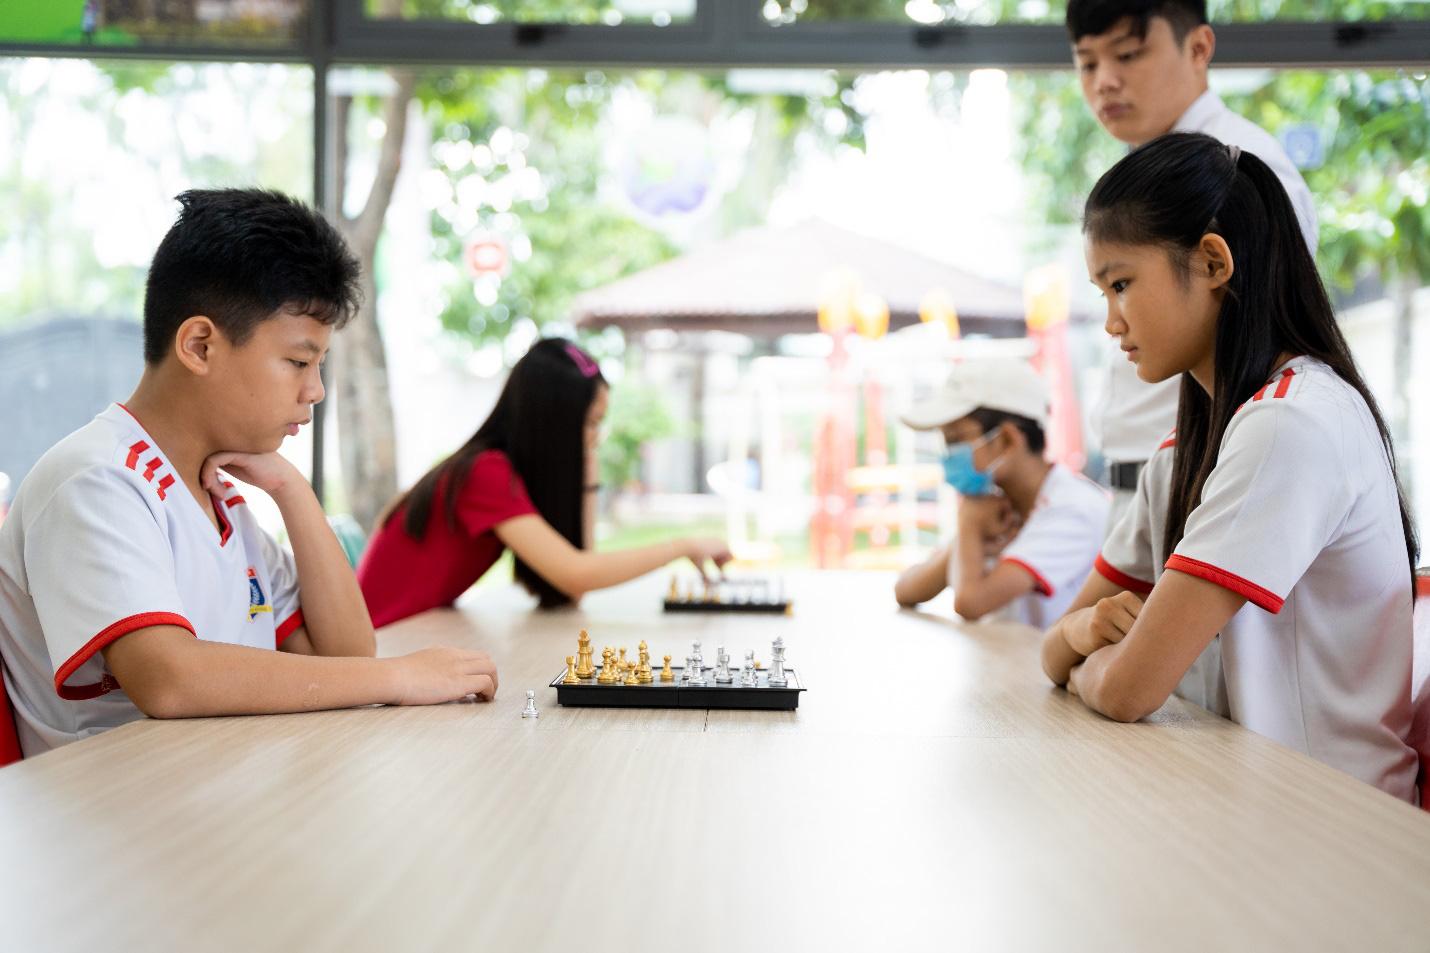 """Bồi đắp một thế hệ trẻ khoẻ thể chất và """"fair play"""" từ các sân chơi thể thao học đường - Ảnh 4."""